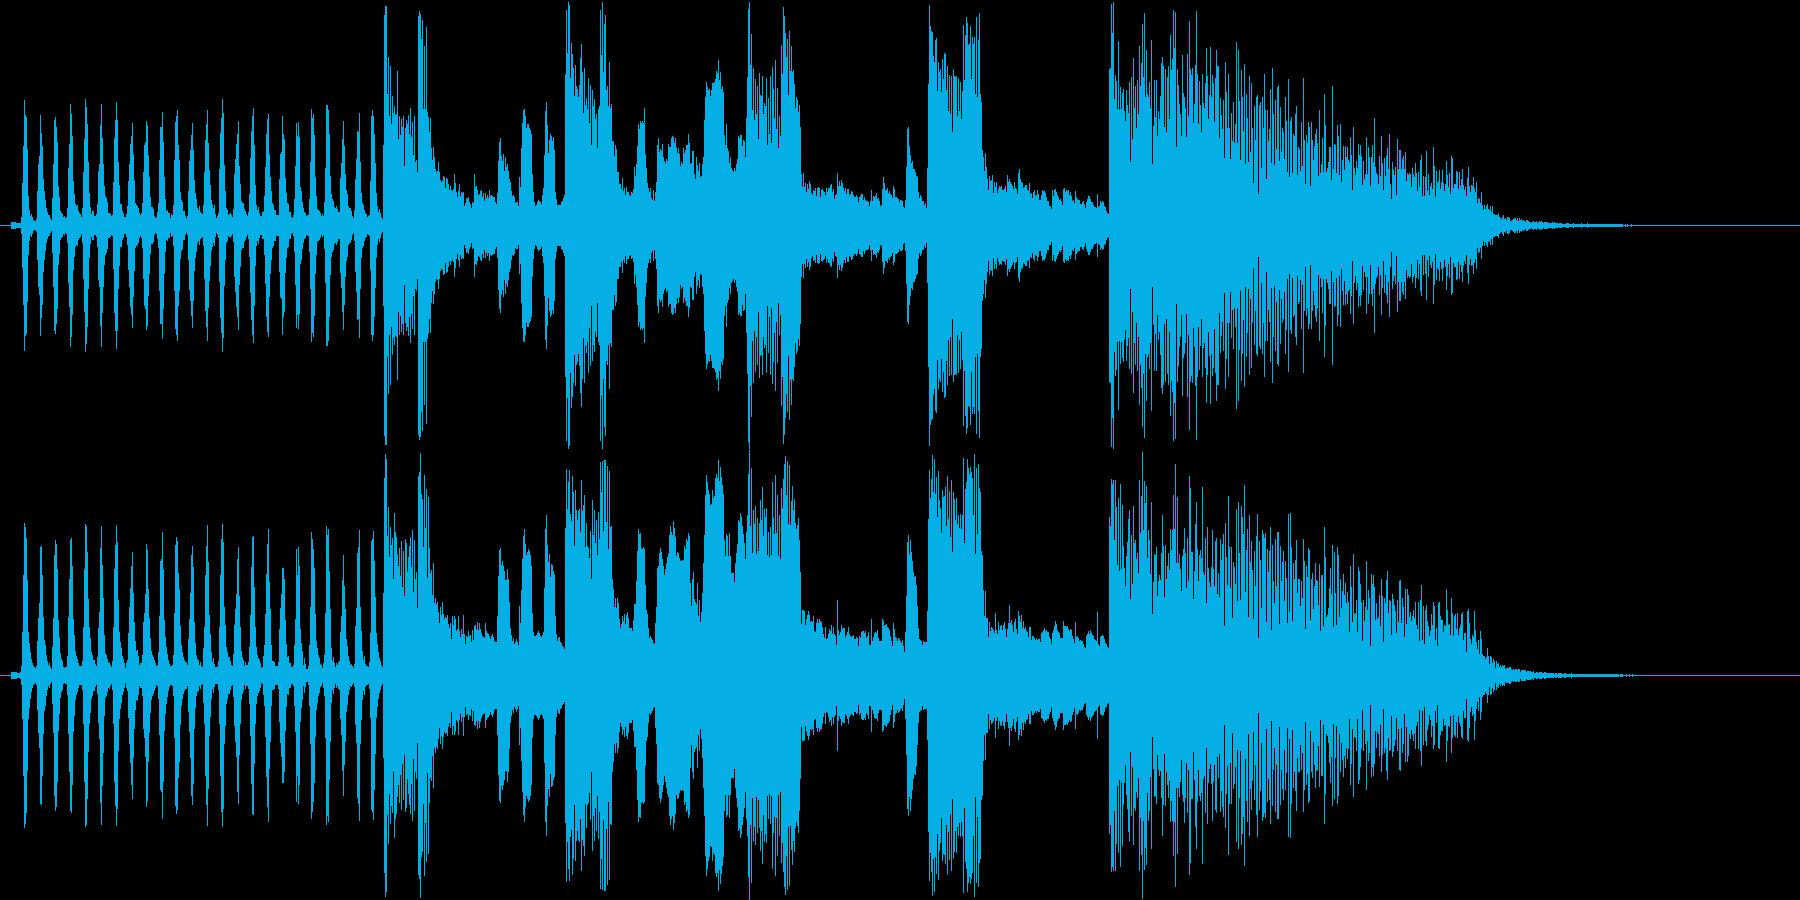 アニメーションで使われるような急ぐ音の再生済みの波形